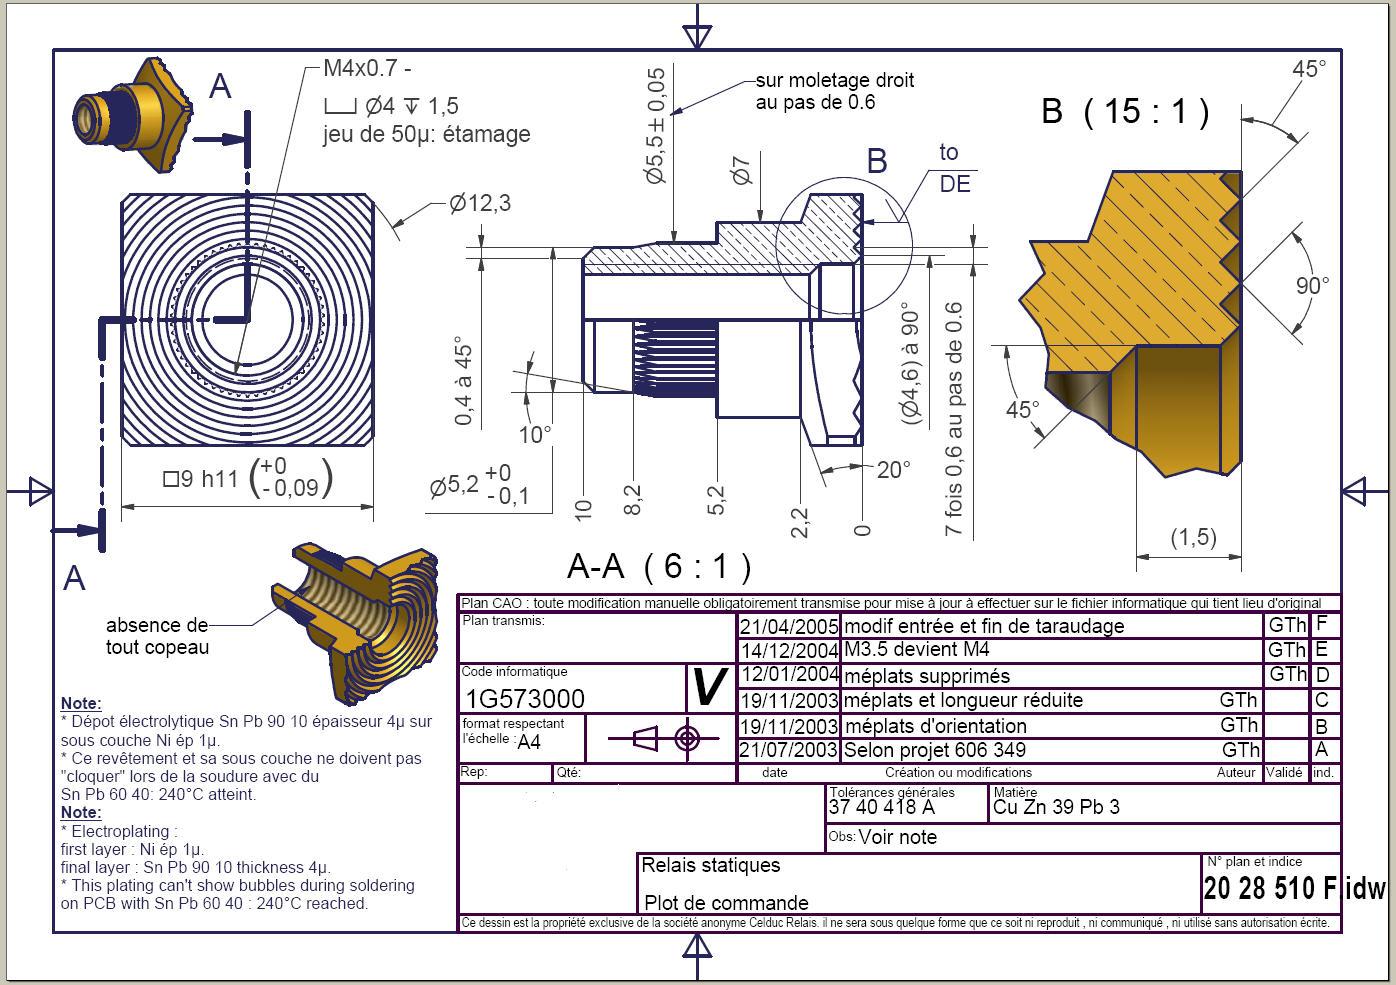 图纸制造与设计、机械交流电气版块求翻译,高香奈儿图纸图片